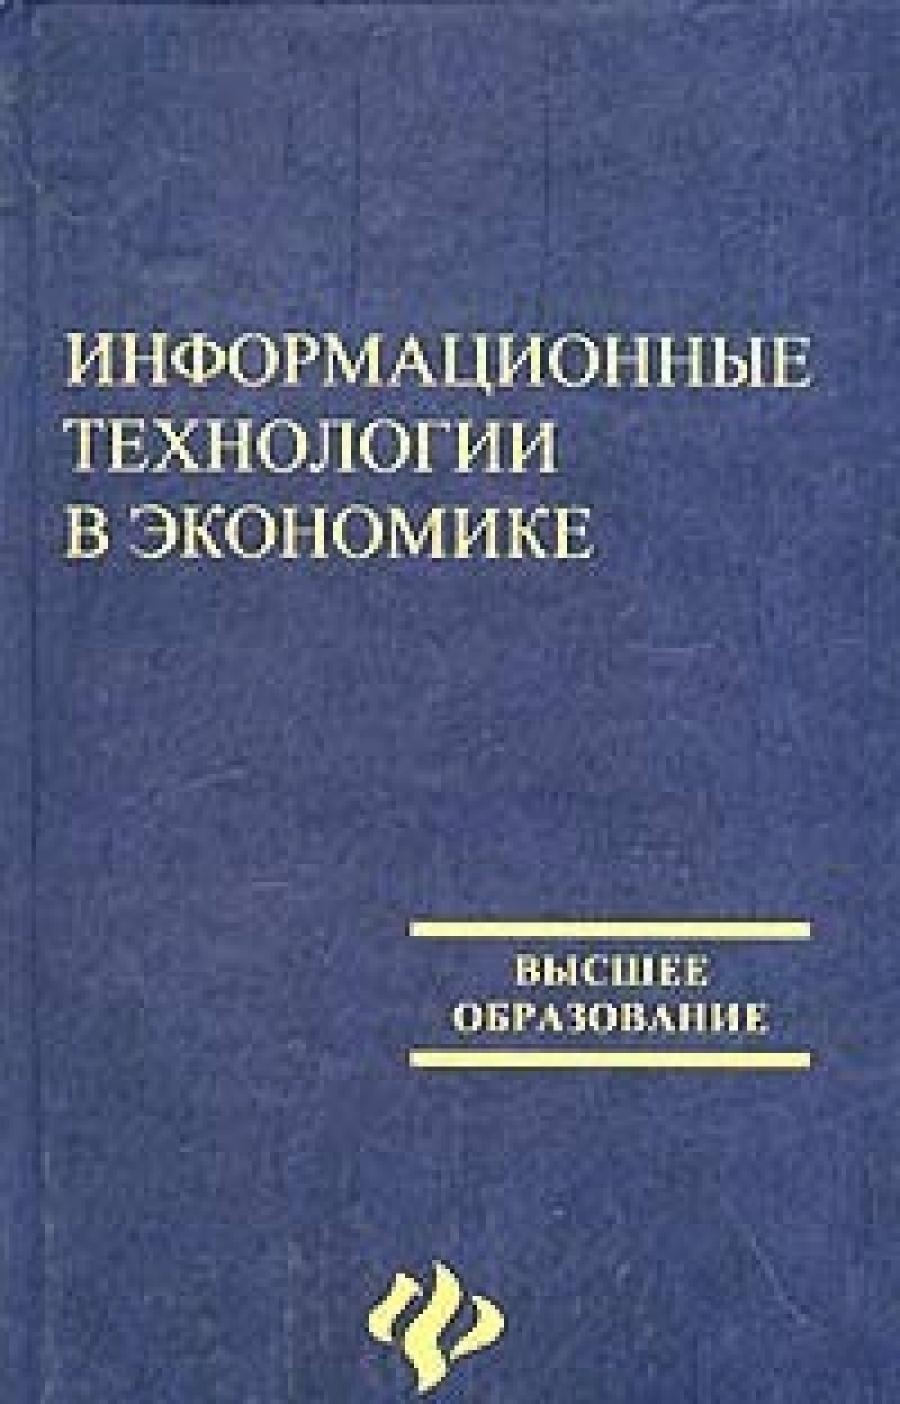 Обложка книги:  симионов ю.ф. - информационные технологии в экономике